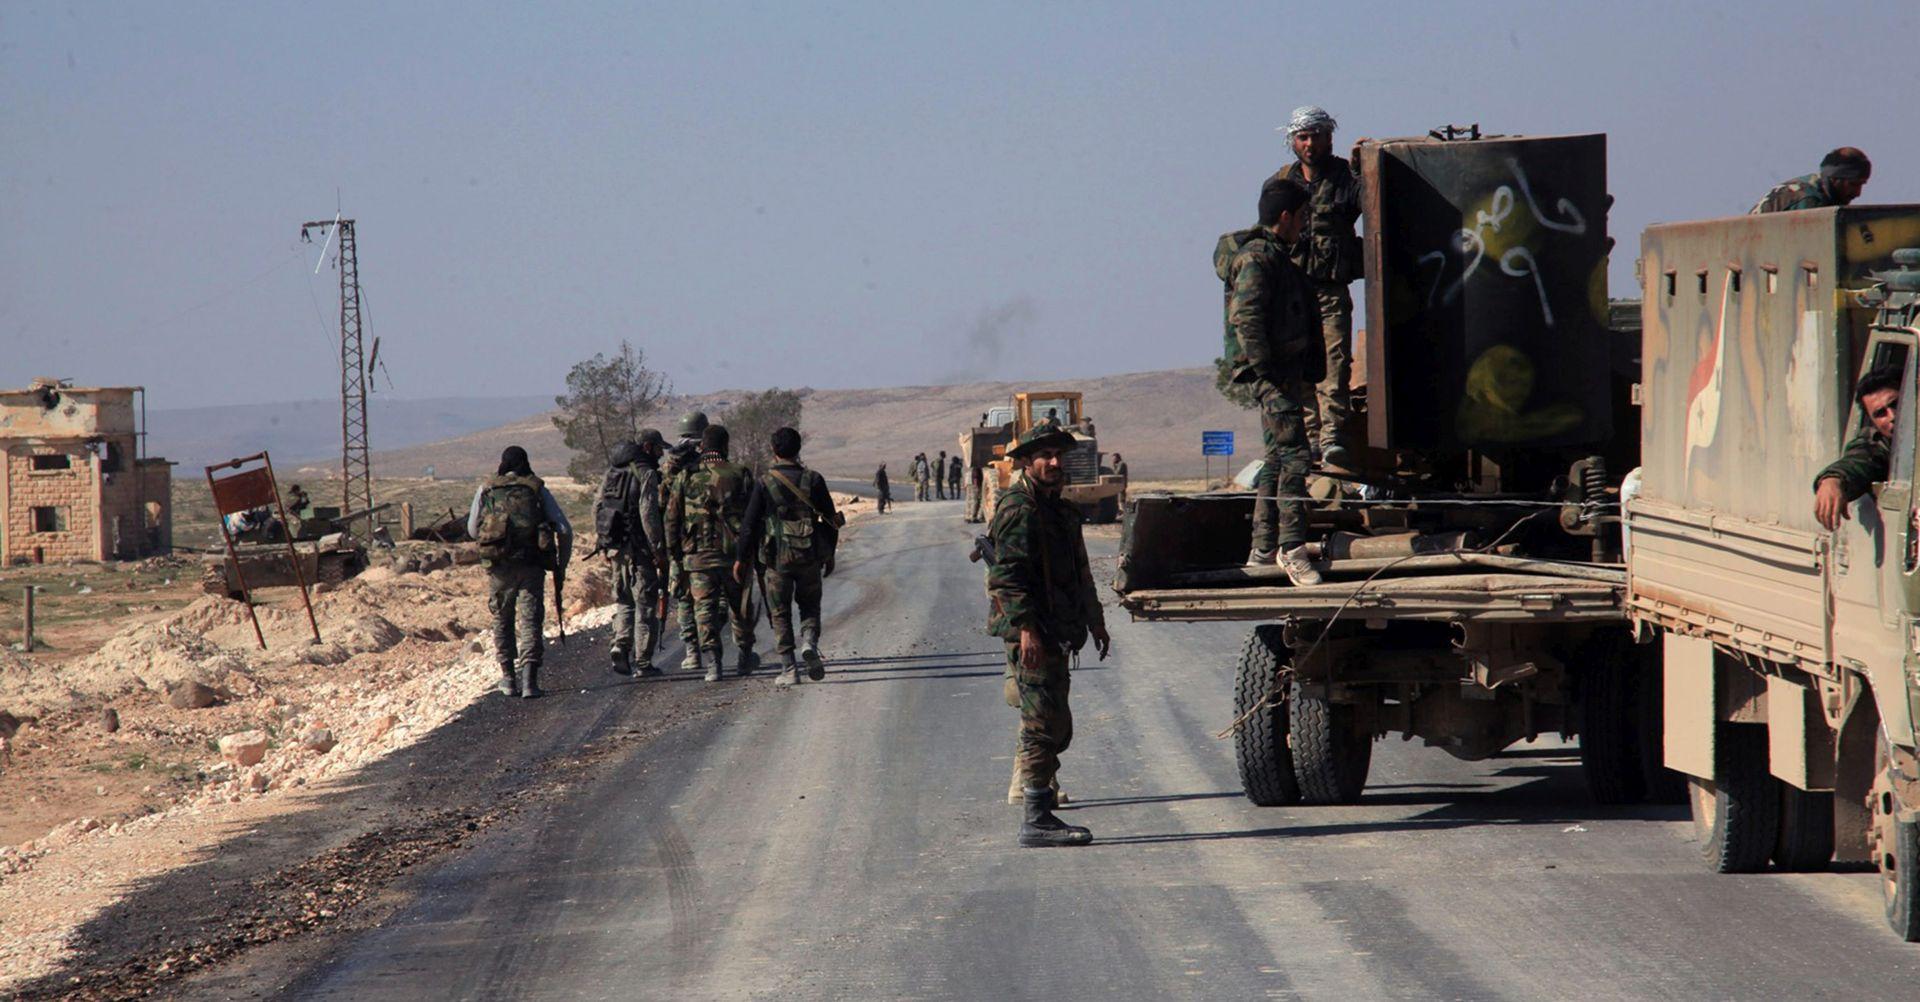 Više od 2000 boraca iz Irana ubijeno u Iraku i Siriji